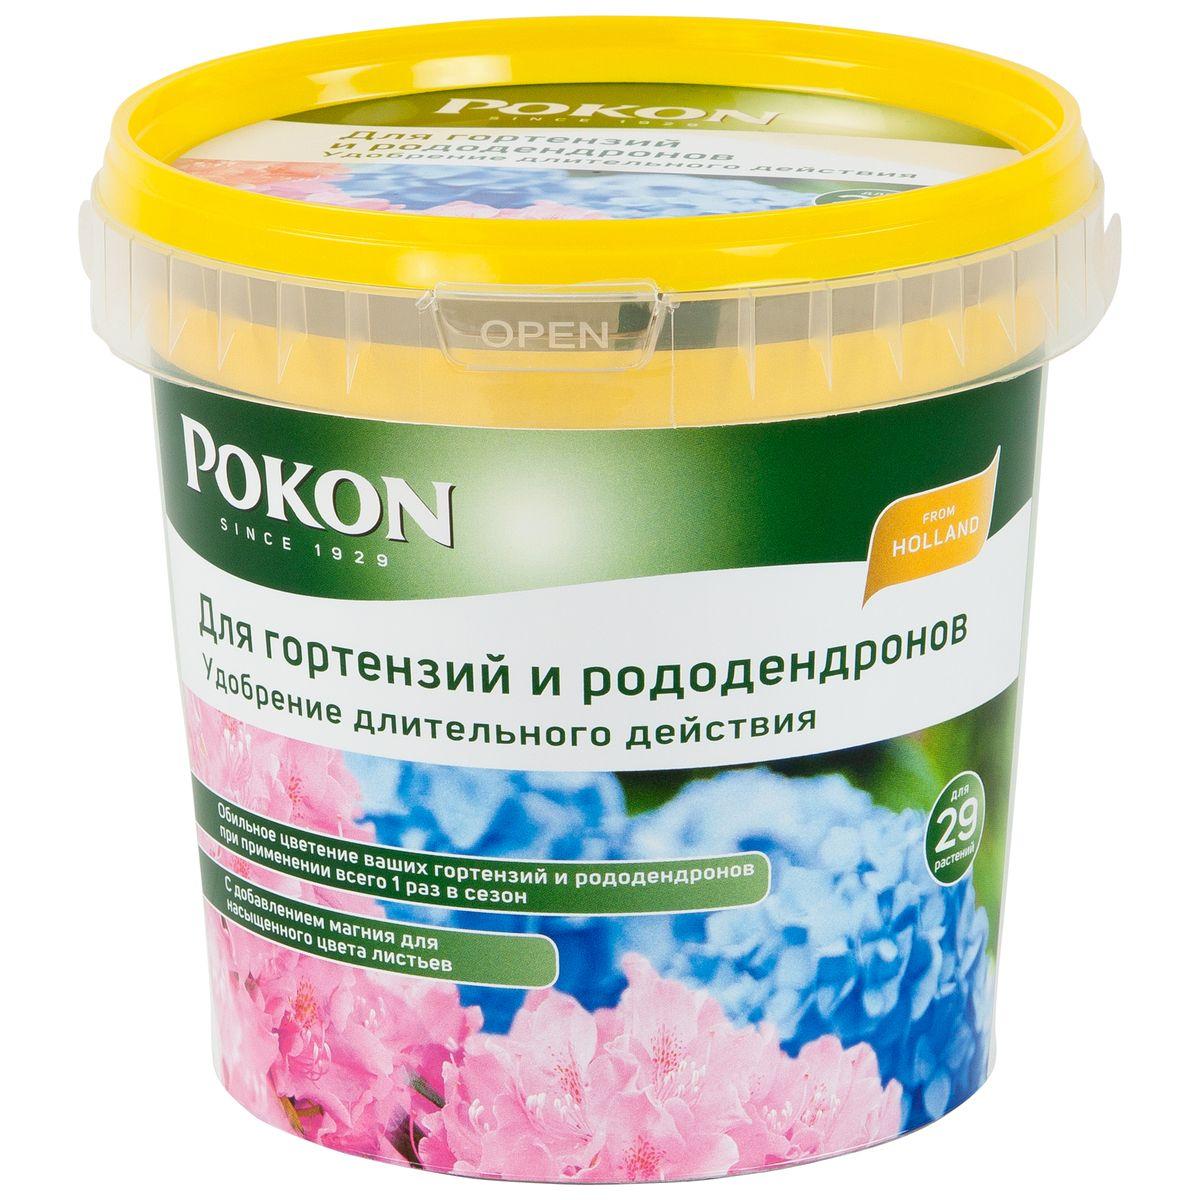 Удобрение Pokon для гортензий и рододендронов длительного действия, 900 г8711969016132Удобрение Pokon для гортензий и рододендронов длительного действия:NPK 19 + 5 + 23 с добавкой 2 MgO + 12 SO3.Это удобрение содержит все необходимое для обильного и частого цветения гортензий и рододендронов. Достаточно внести его один раз, и затем питательные вещества будут постепенно высвобождаться и проникать в растения в течение сезона под воздействием дождей и солнца. Магниевая добавка придает гортензиям и рододендронам яркую и насыщенную окраску.Инструкция по применению:- Вносите удобрение 1 раз в год, желательно весной или при посадке растений.- Отмерьте нужное количество гранул в соответствии с прилагаемой таблицей.- Равномерно насыпьте гранулы вокруг стеблей.- Смешайте гранулы с верхним слоем грунта.- Полейте грунт, и удобрение немедленно начнет действовать.- Не используйте при температуре выше +25 градусов и под прямыми солнечными лучами.Состав:19% — общее содержание азота (N);5,4% — нитратный азот;2,2% — аммонийный азот;11,4% — мочевинный азот;5% — безводная фосфорная кислота (P2O5), растворимая в нейтральном цитрате аммония и воде; 23% — водорастворимый оксид калия (K2O);2% — полный оксид магния (MgO);12,1% — трехокись серы (SO3);0,006% — медь (Cu);0,03% — железо (Fe);0,01% — марганец (Mn);0,001% — молибден (Mo);0,06% — цинк (Zn).Удобрение соответствует нормам ЕС.